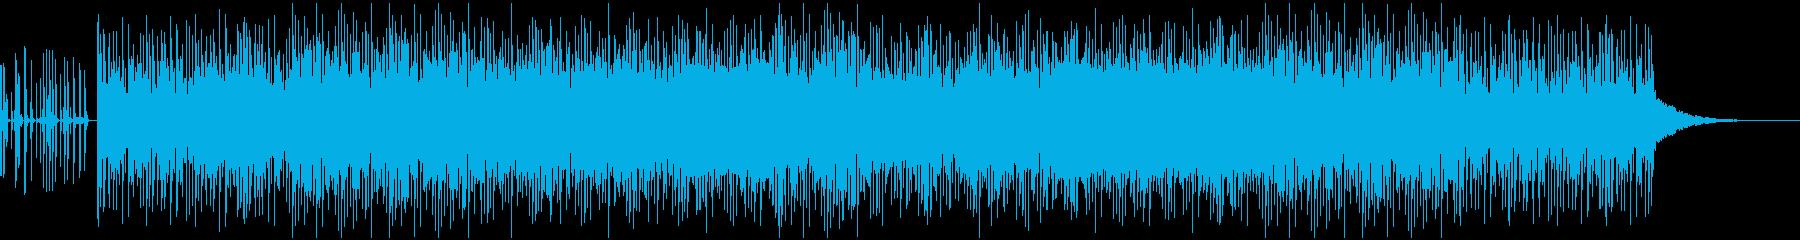 ノリのいいDISCO風レトロエレクトロ曲の再生済みの波形